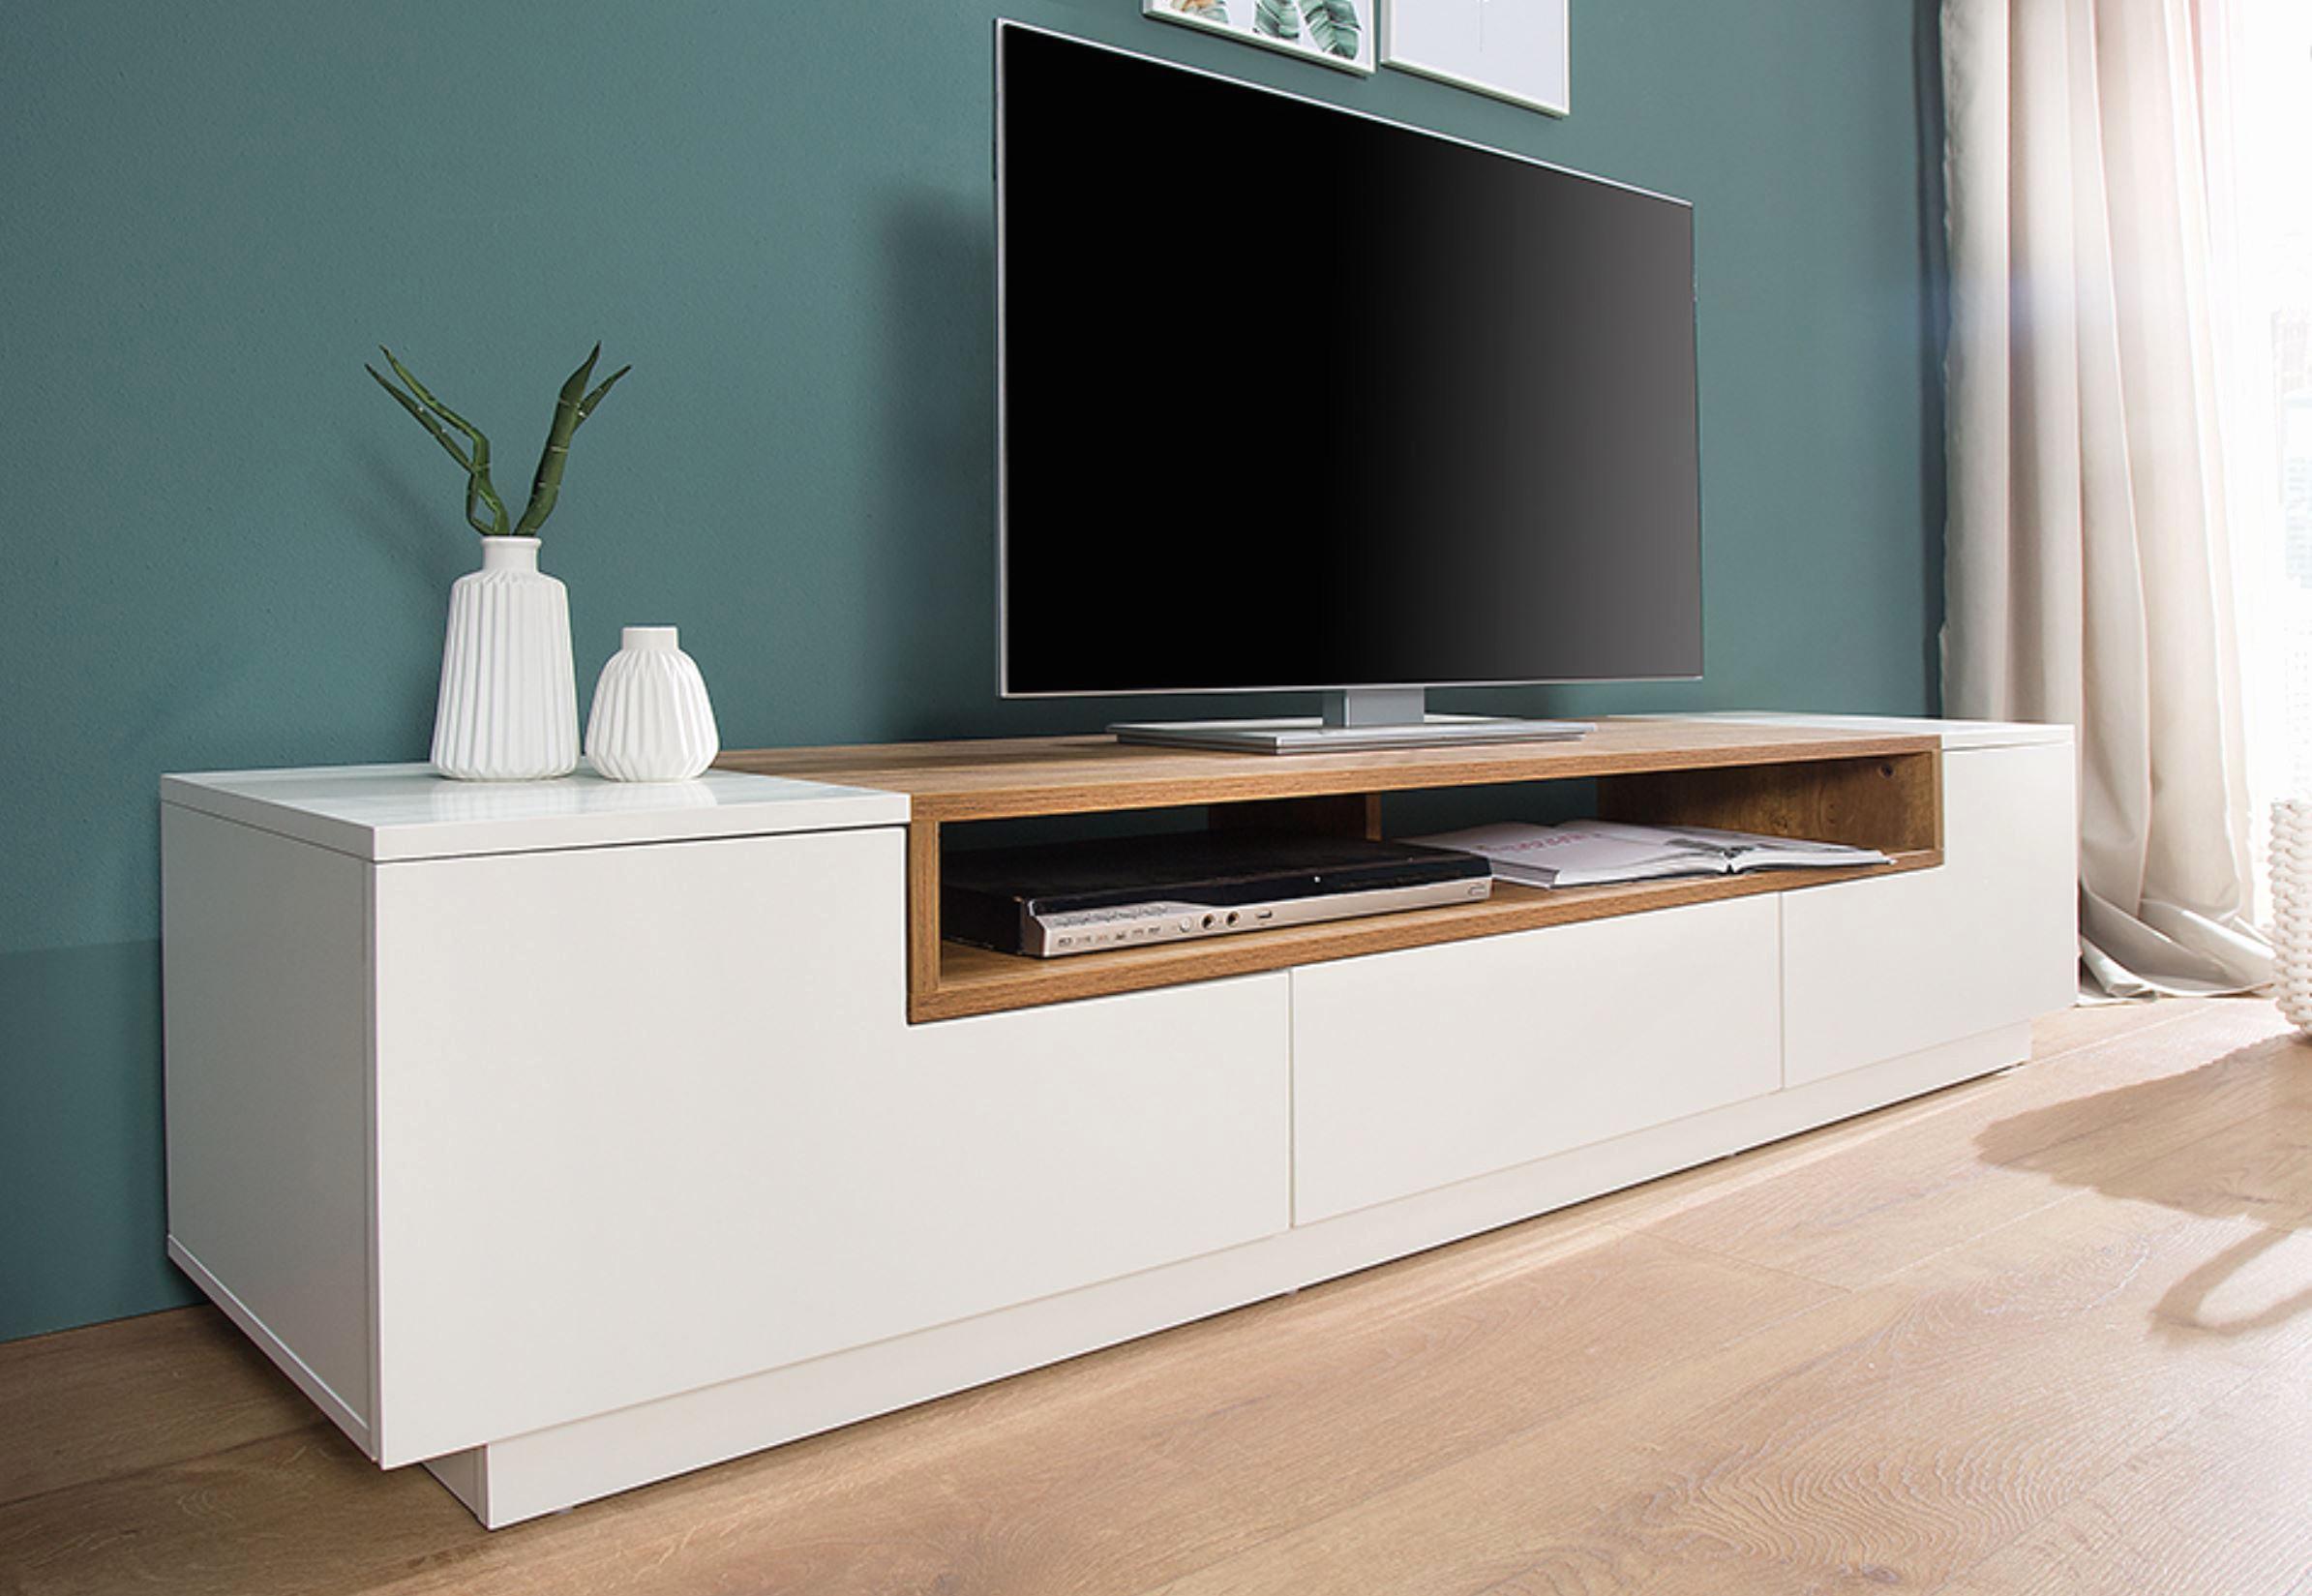 44 Modèle Meuble Tv 100 Cm encequiconcerne Meuble Tv 300 Cm Conforama